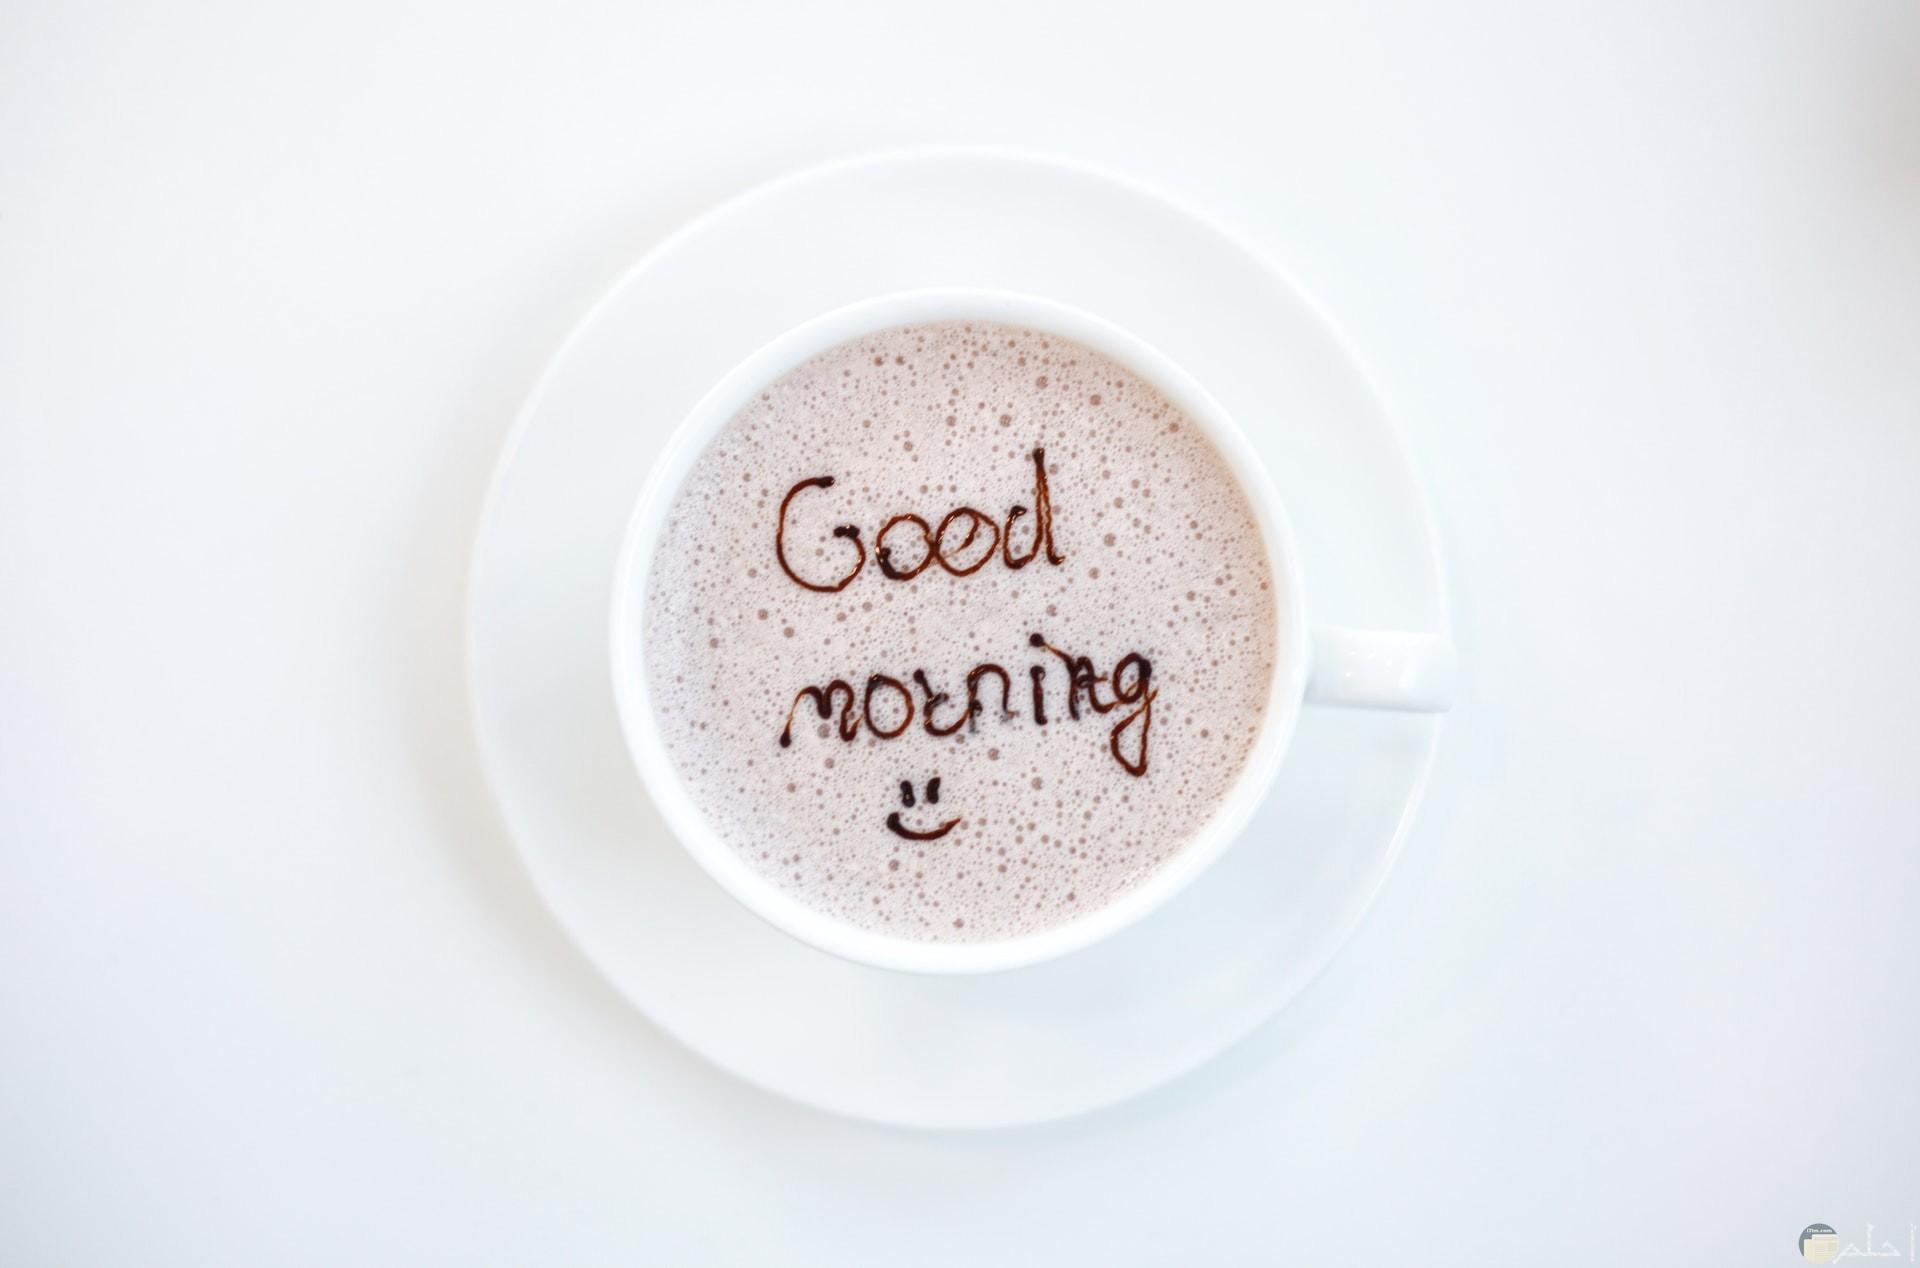 صورة لتحية الصباح بالإنكليزية مكتوبة داخل فنجان القهوة معها ايموشن مبتسم